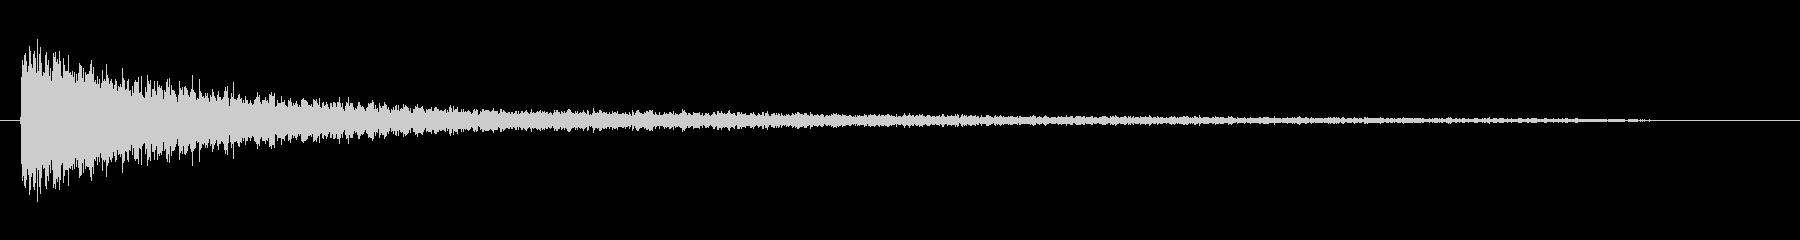 ピアノ効果音 ガーン ショック 衝撃の未再生の波形